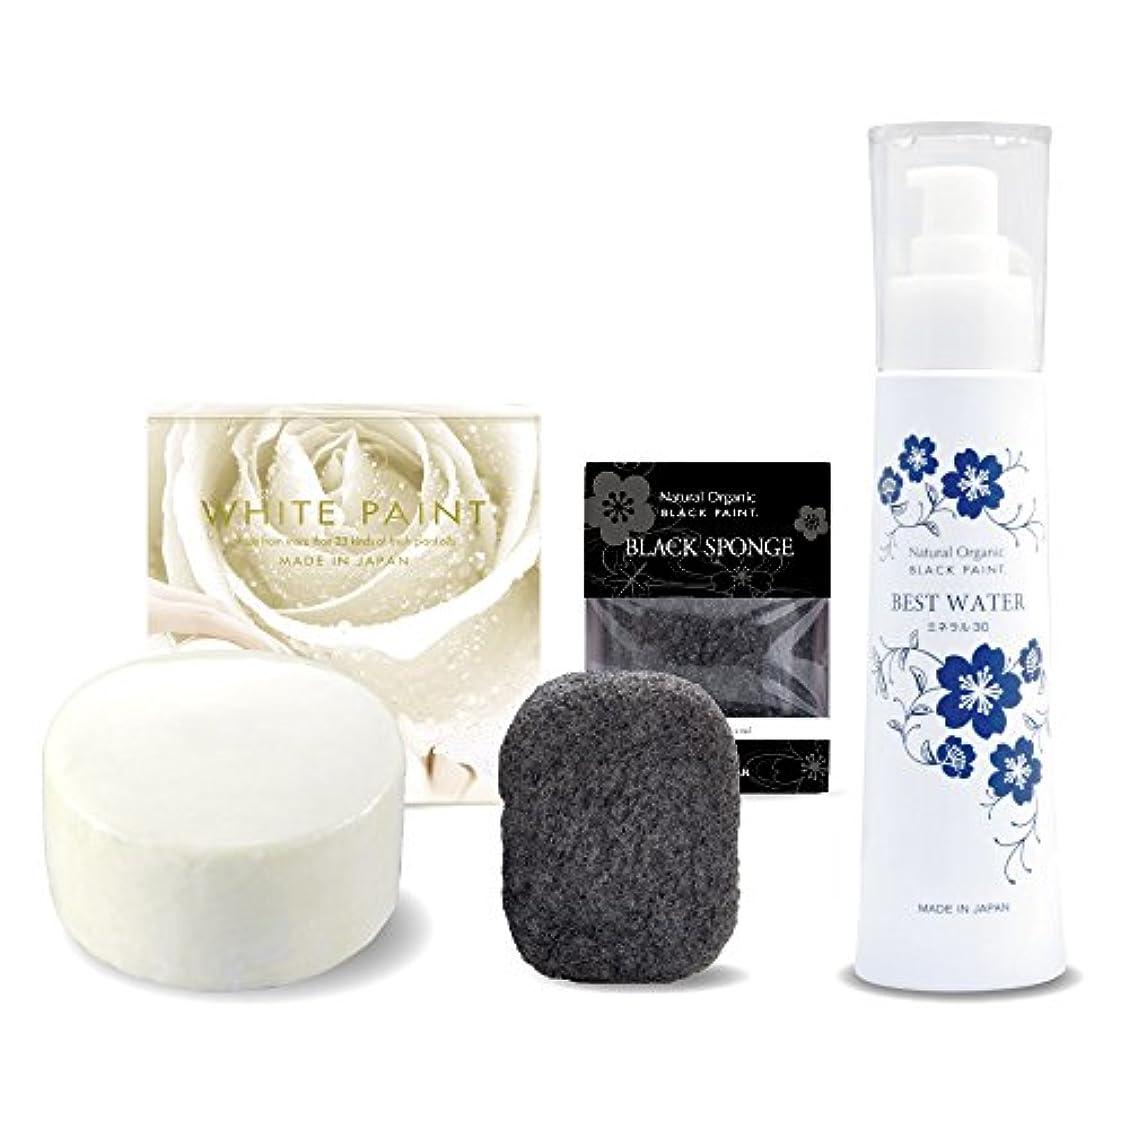 花火人気の世代ホワイトペイント 120g&ブラックスポンジ&ベストウォーター100ml 塗る石鹸 洗顔セット 無添加 国産